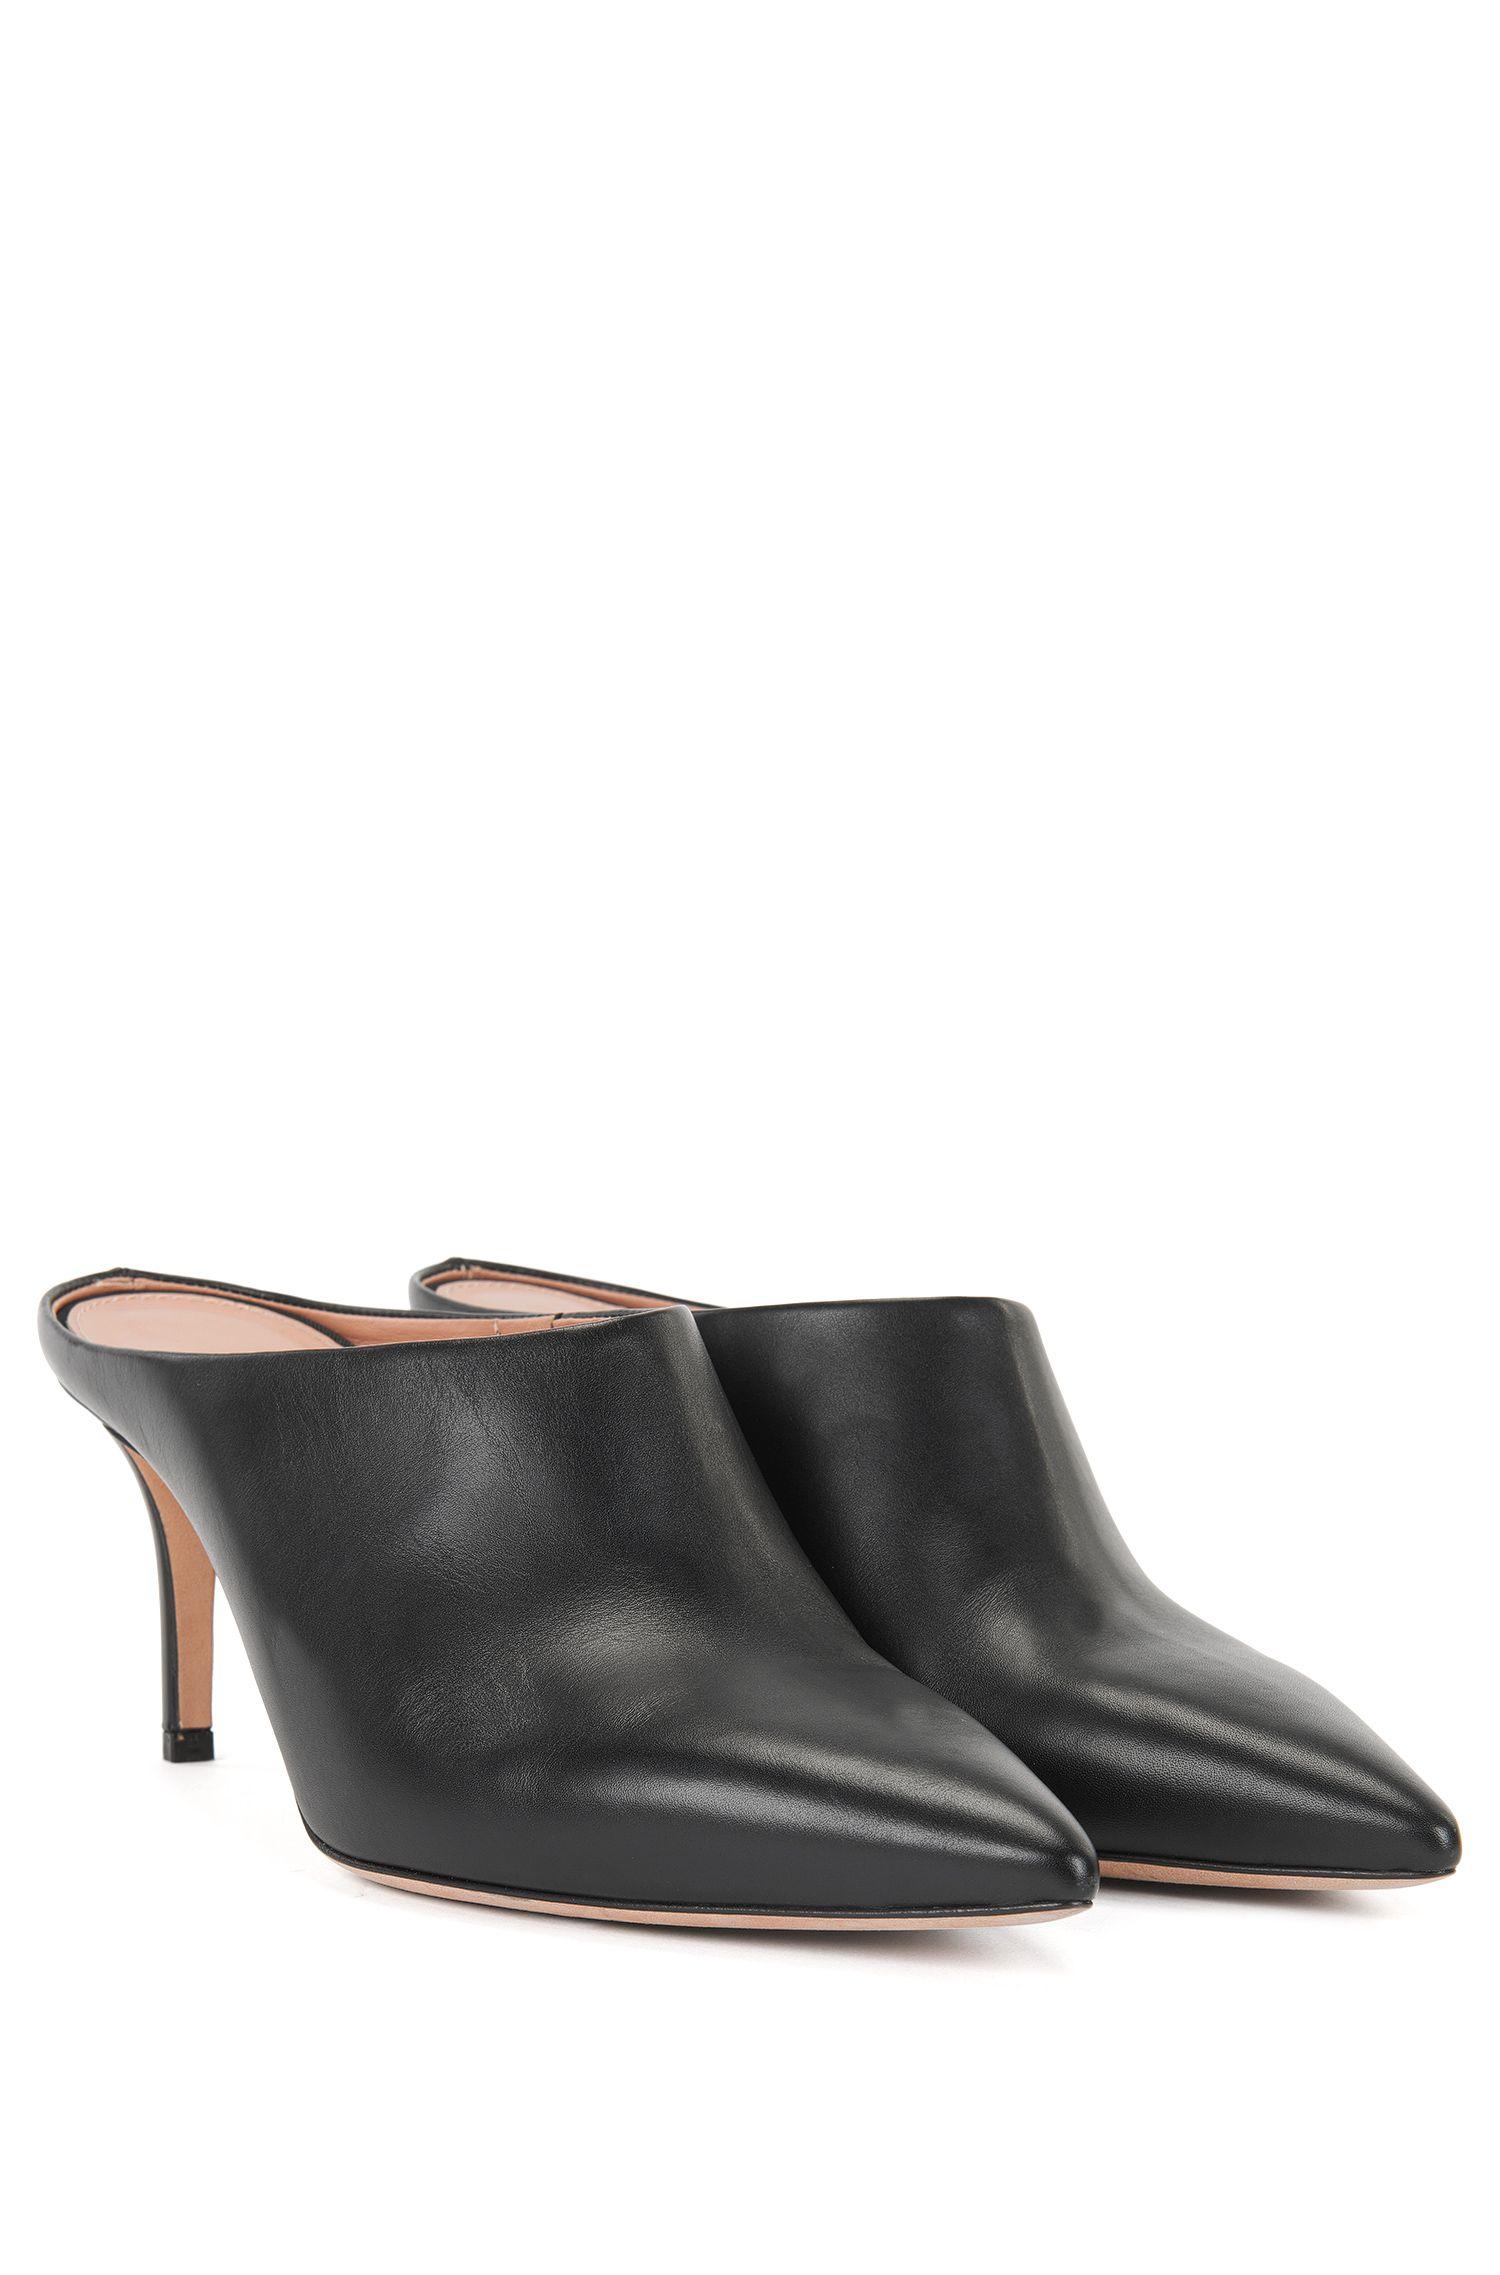 Italian Leather Mule | Eddie Sabot